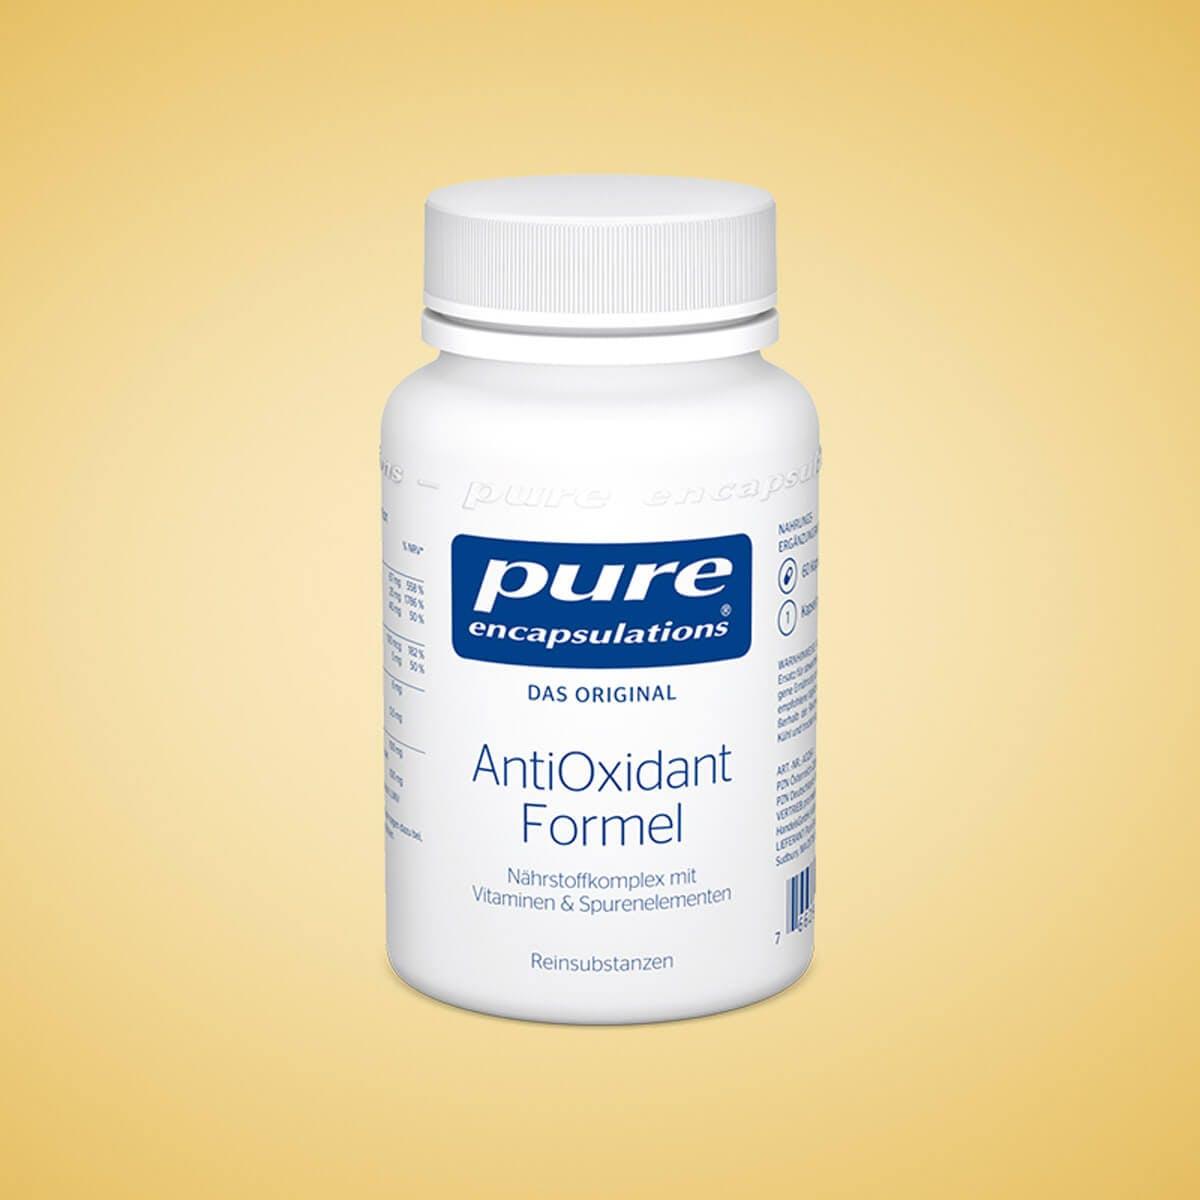 Die AntiOxidant Formel vereint antioxidative Nährstoffe wie Vitamin C und Zink